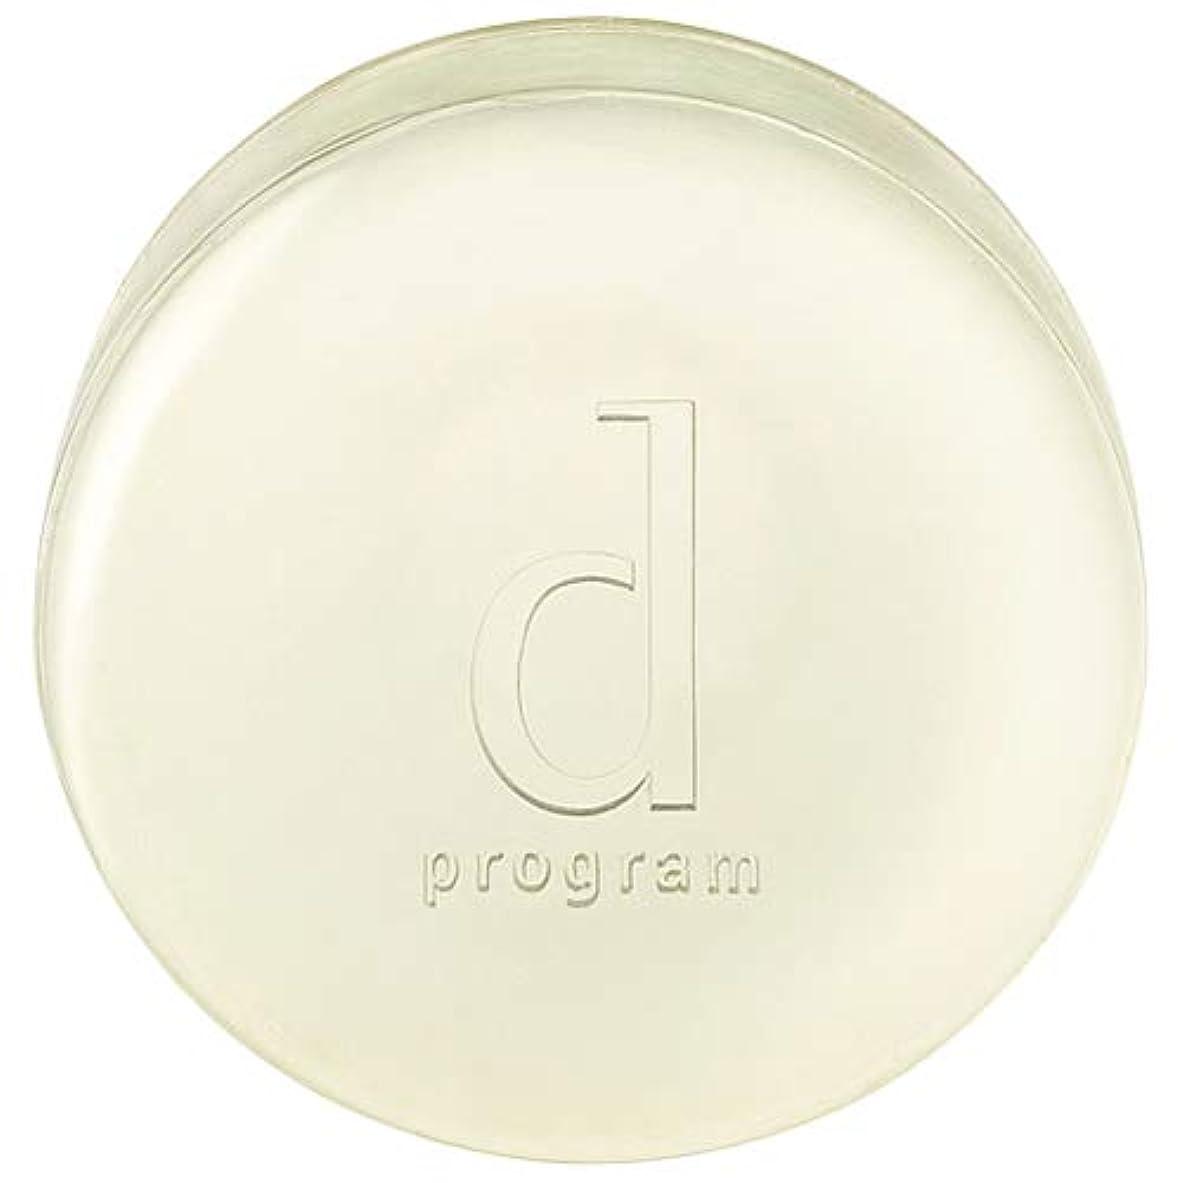 無謀デッドロックそよ風d program 資生堂 コンディショニングソープ 100g [366202] [並行輸入品]